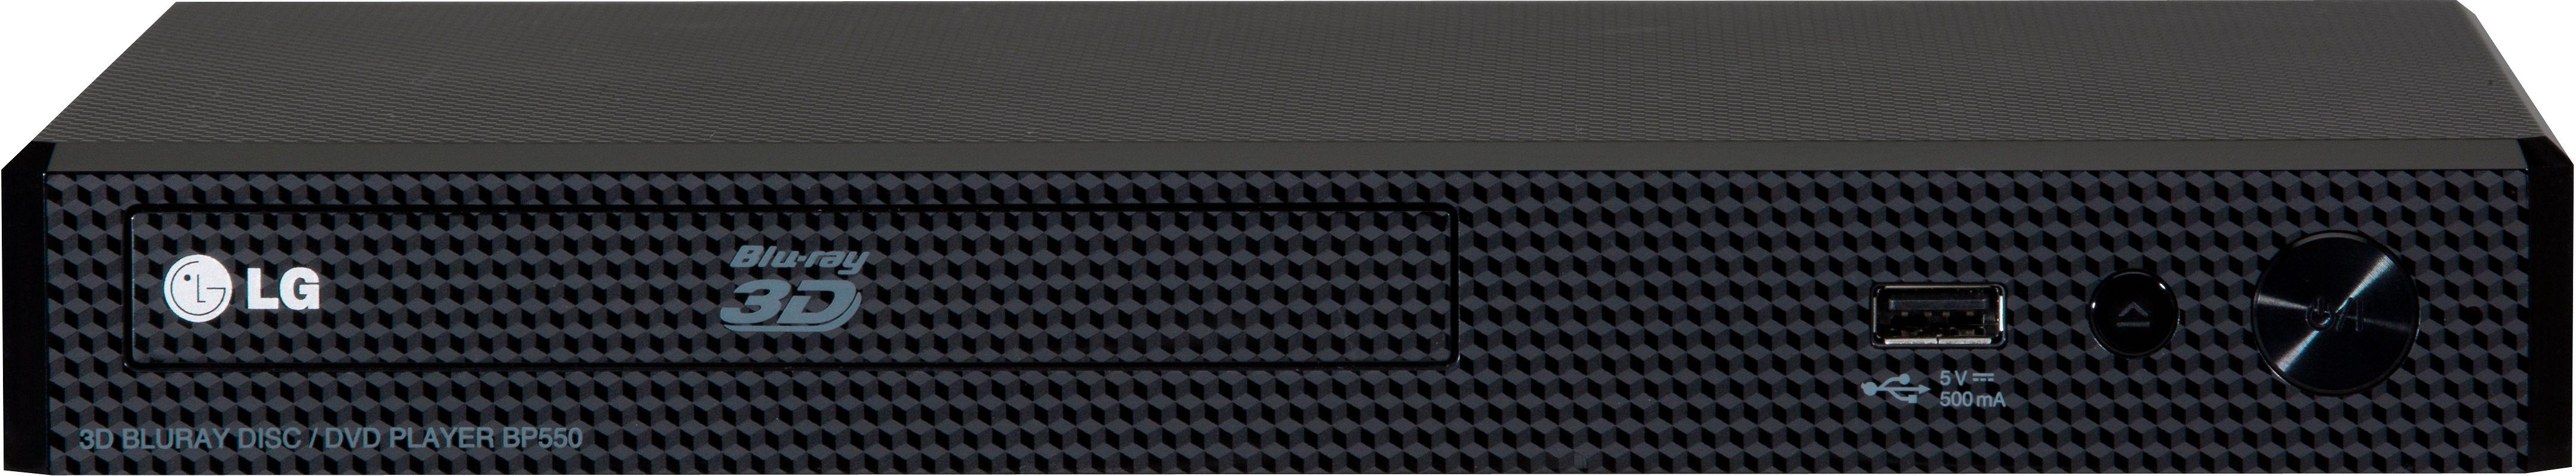 LG BP450 3D Blu-ray-Player, 3D-fähig, 1080p (Full HD)